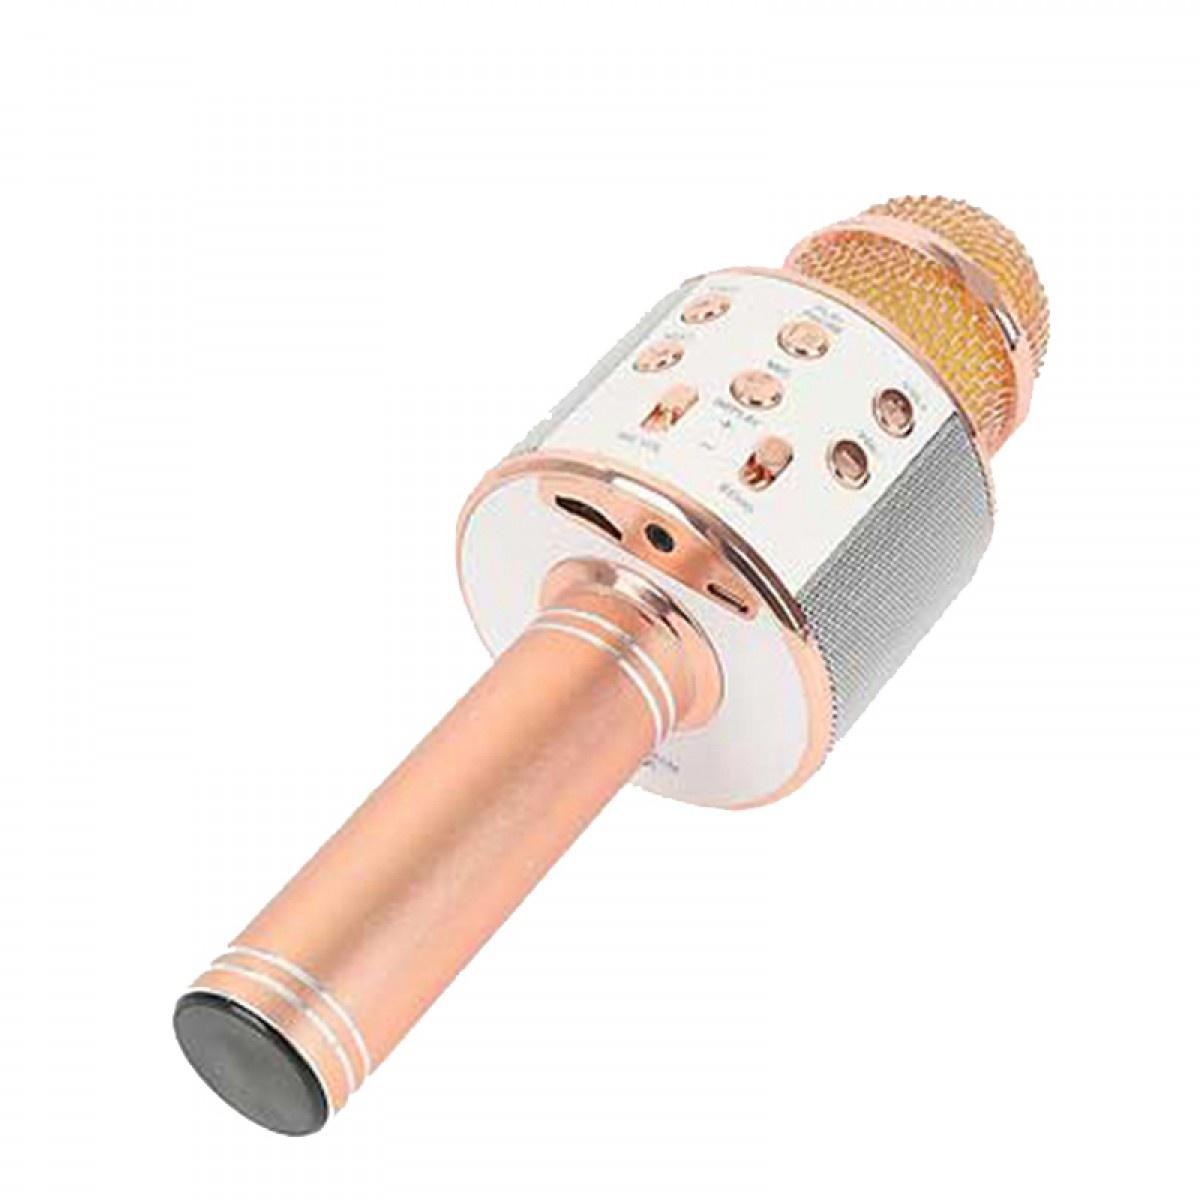 Микрофон WSTER для Караоке беспроводной, светло-розовый караоке handheld ktv ws 1816r red